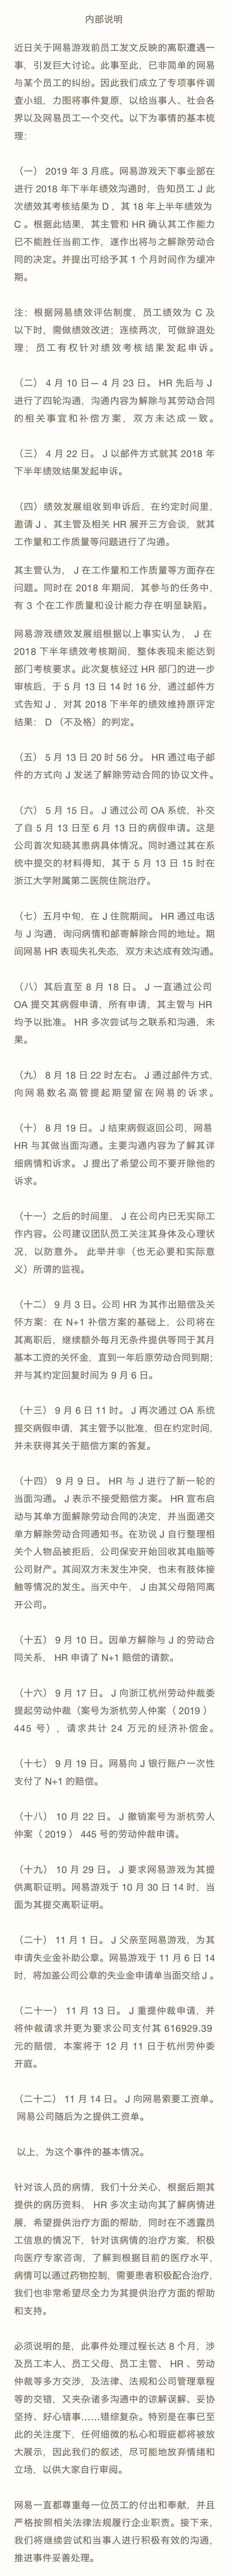 黑彩提不出款|2019年10月9日重庆奉节工业有限公司竞得重庆市1宗工业用地 以39万元/亩成交 溢价率0.18%